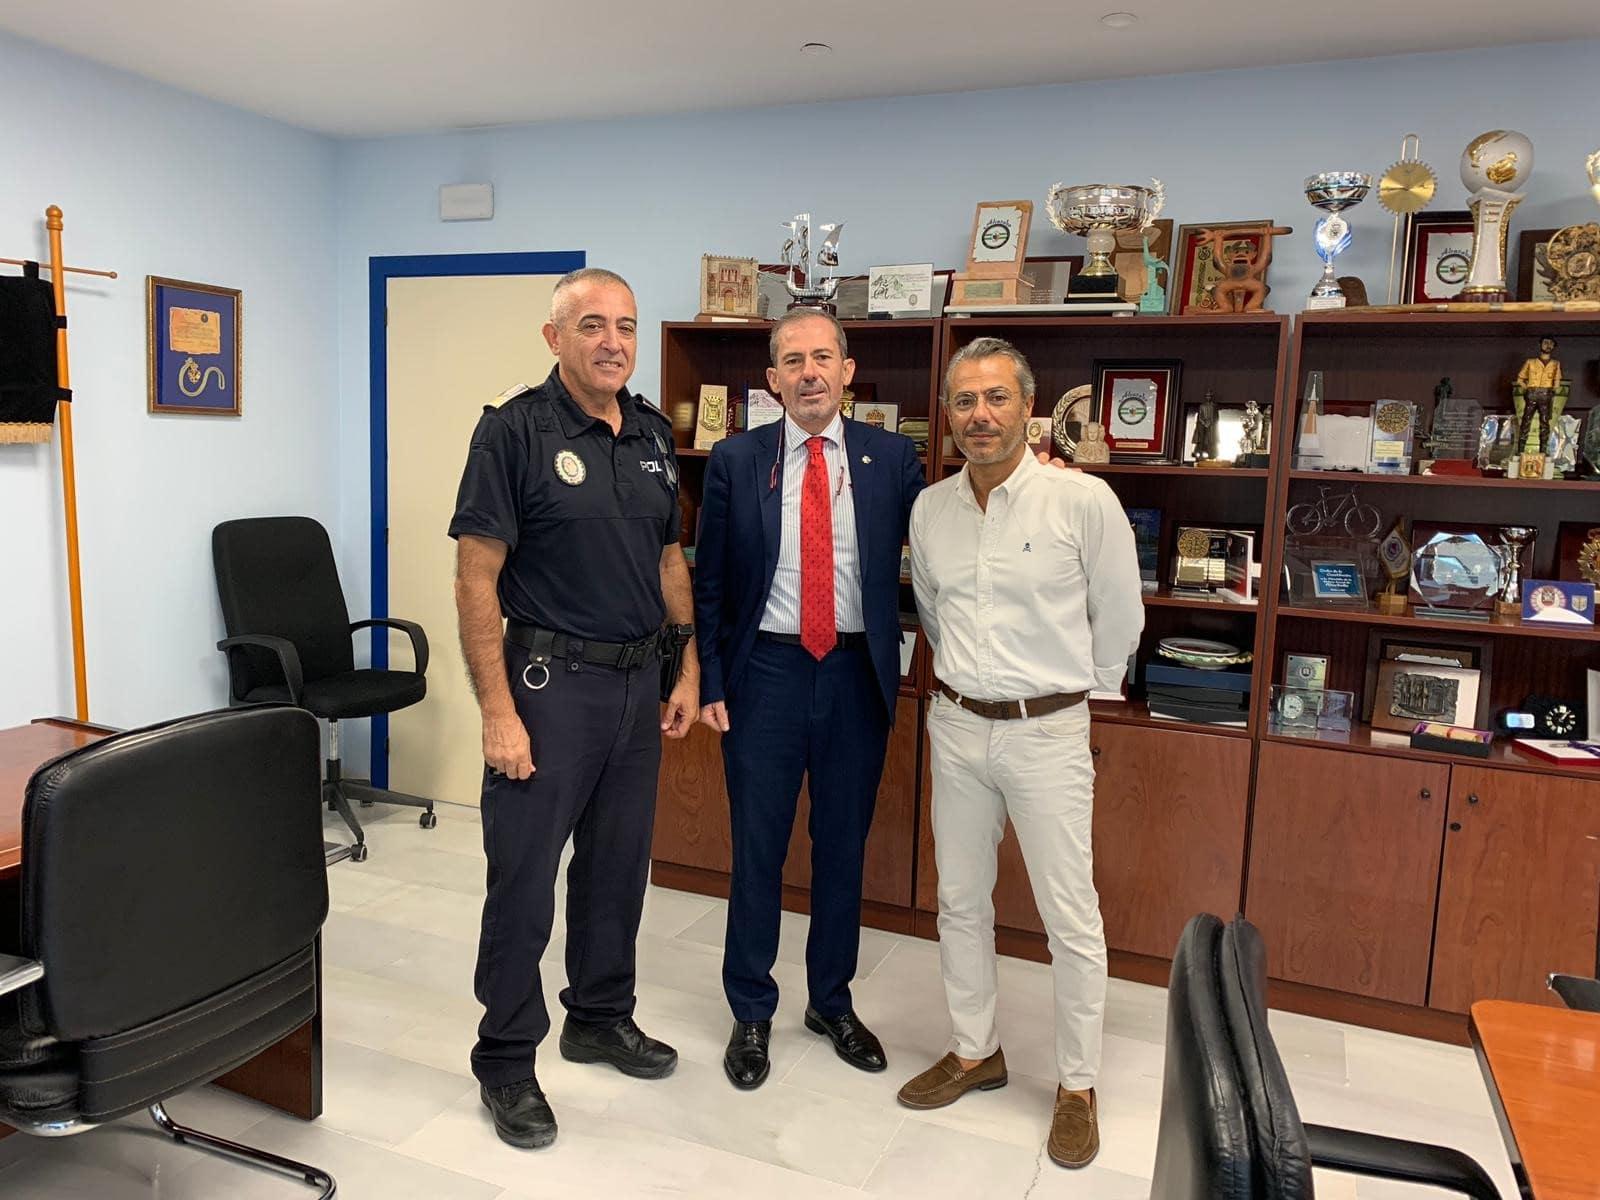 El Colegio de Abogados de Málaga y la Policía Local de Marbella aunarán esfuerzos en materia de formación